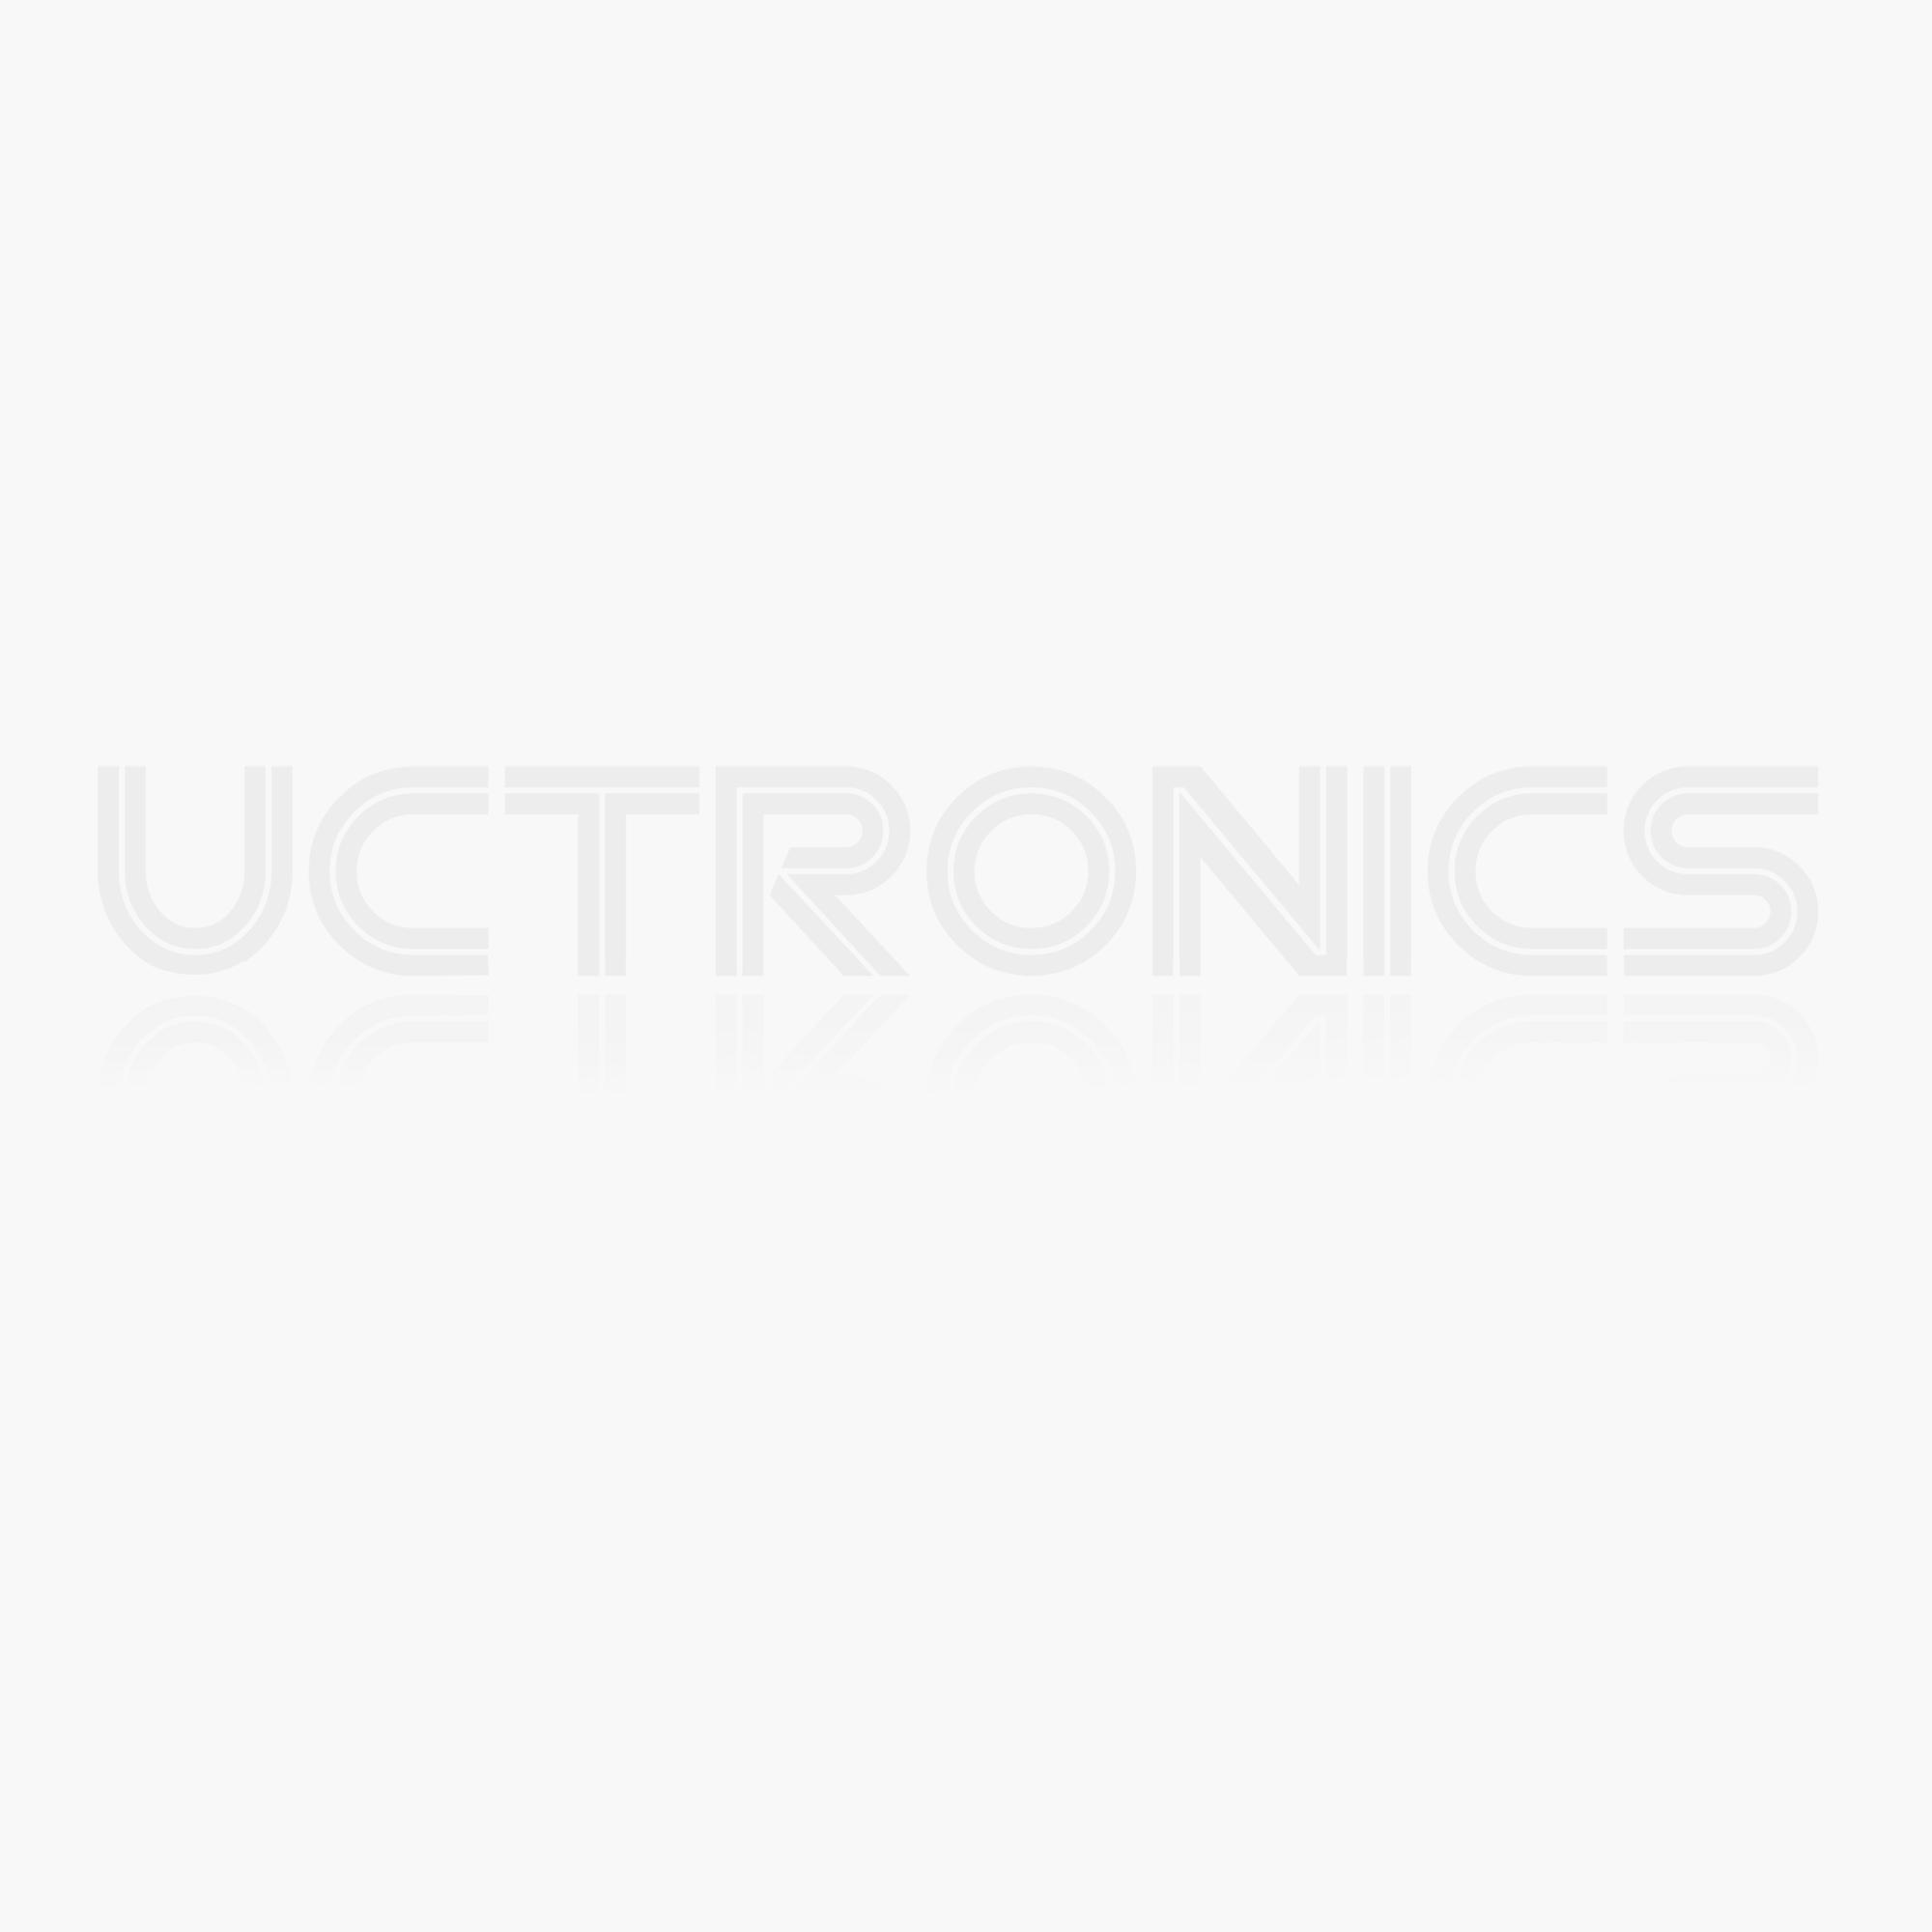 Arducam MIPI Adapter Board for USB3 Camera Shield